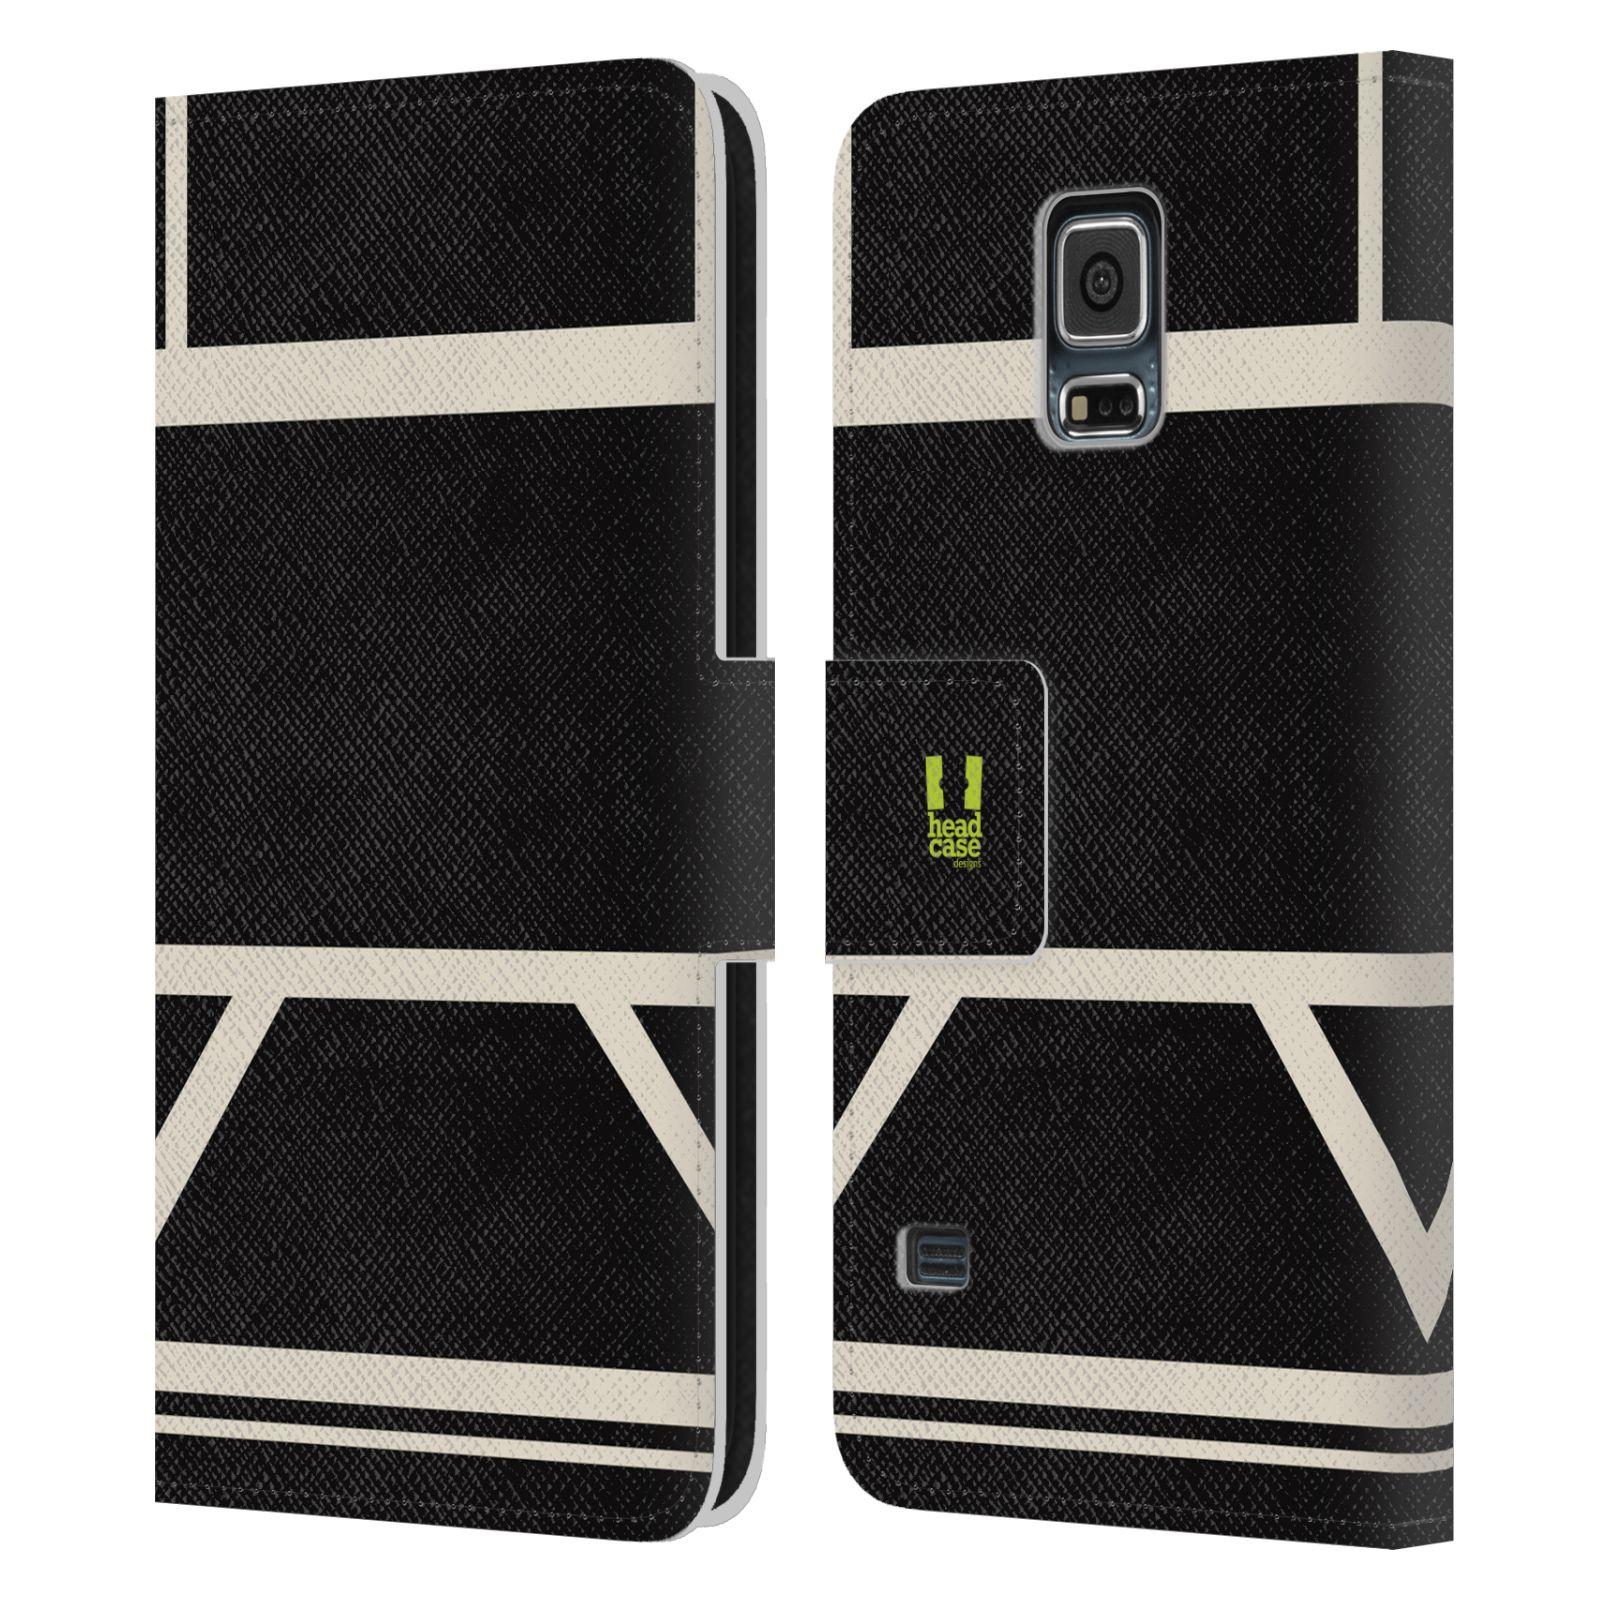 HEAD CASE Flipové pouzdro pro mobil Samsung Galaxy S5 barevné tvary černá a bílá proužek